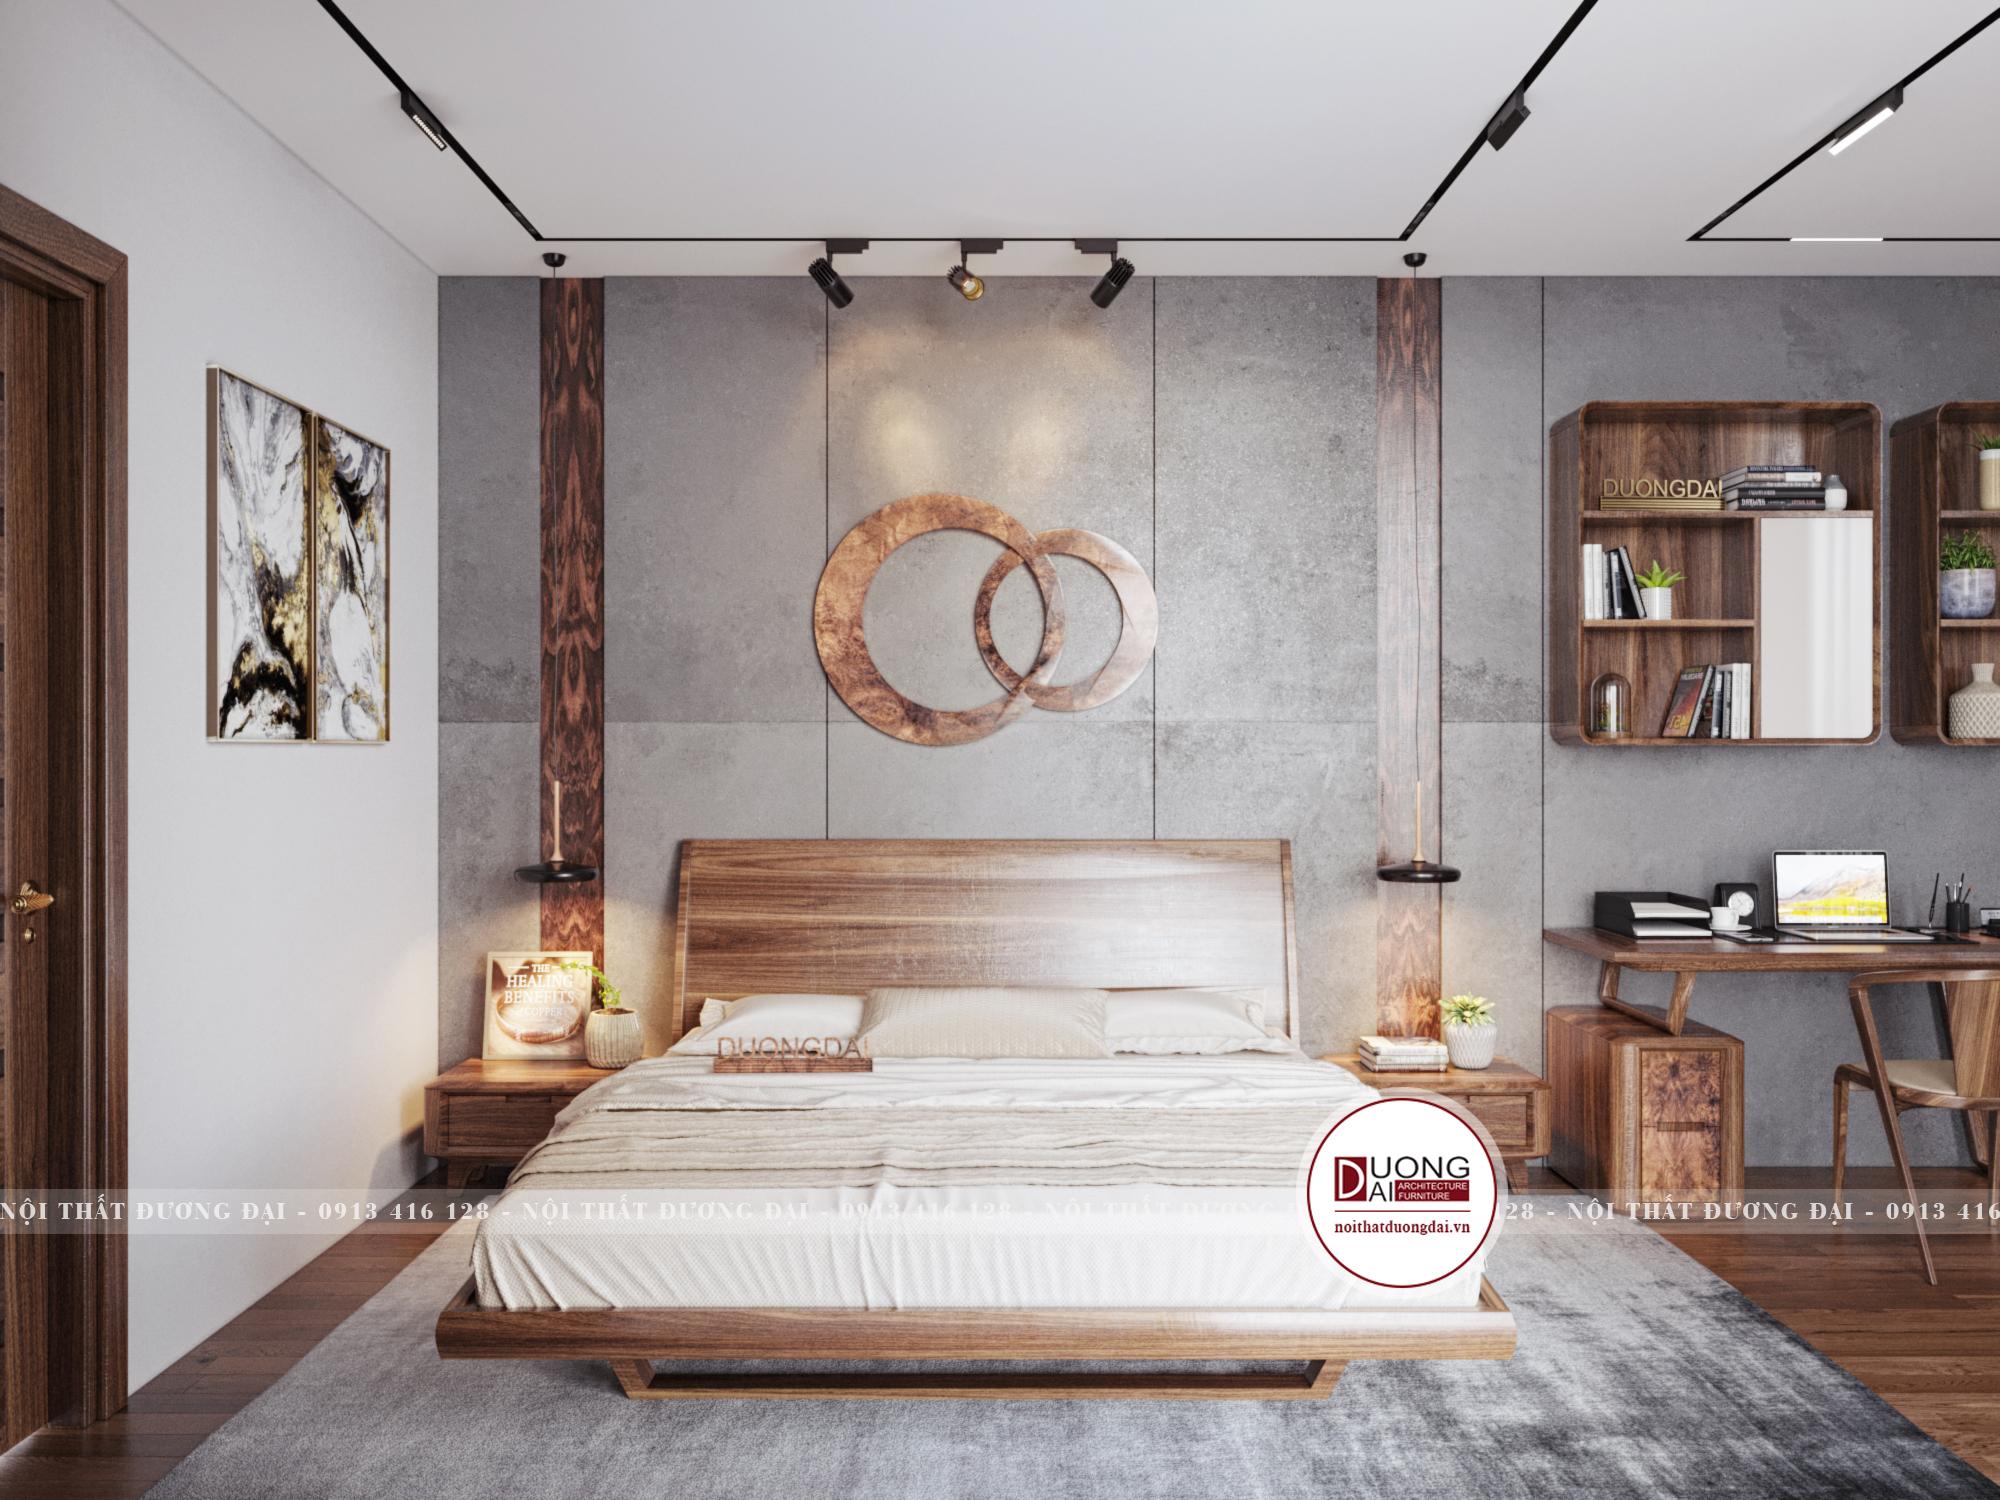 Thiết kế nội thất Chung Cư tại Hà Nội SKY VILLA 01 TẦNG 2 1632153748 11